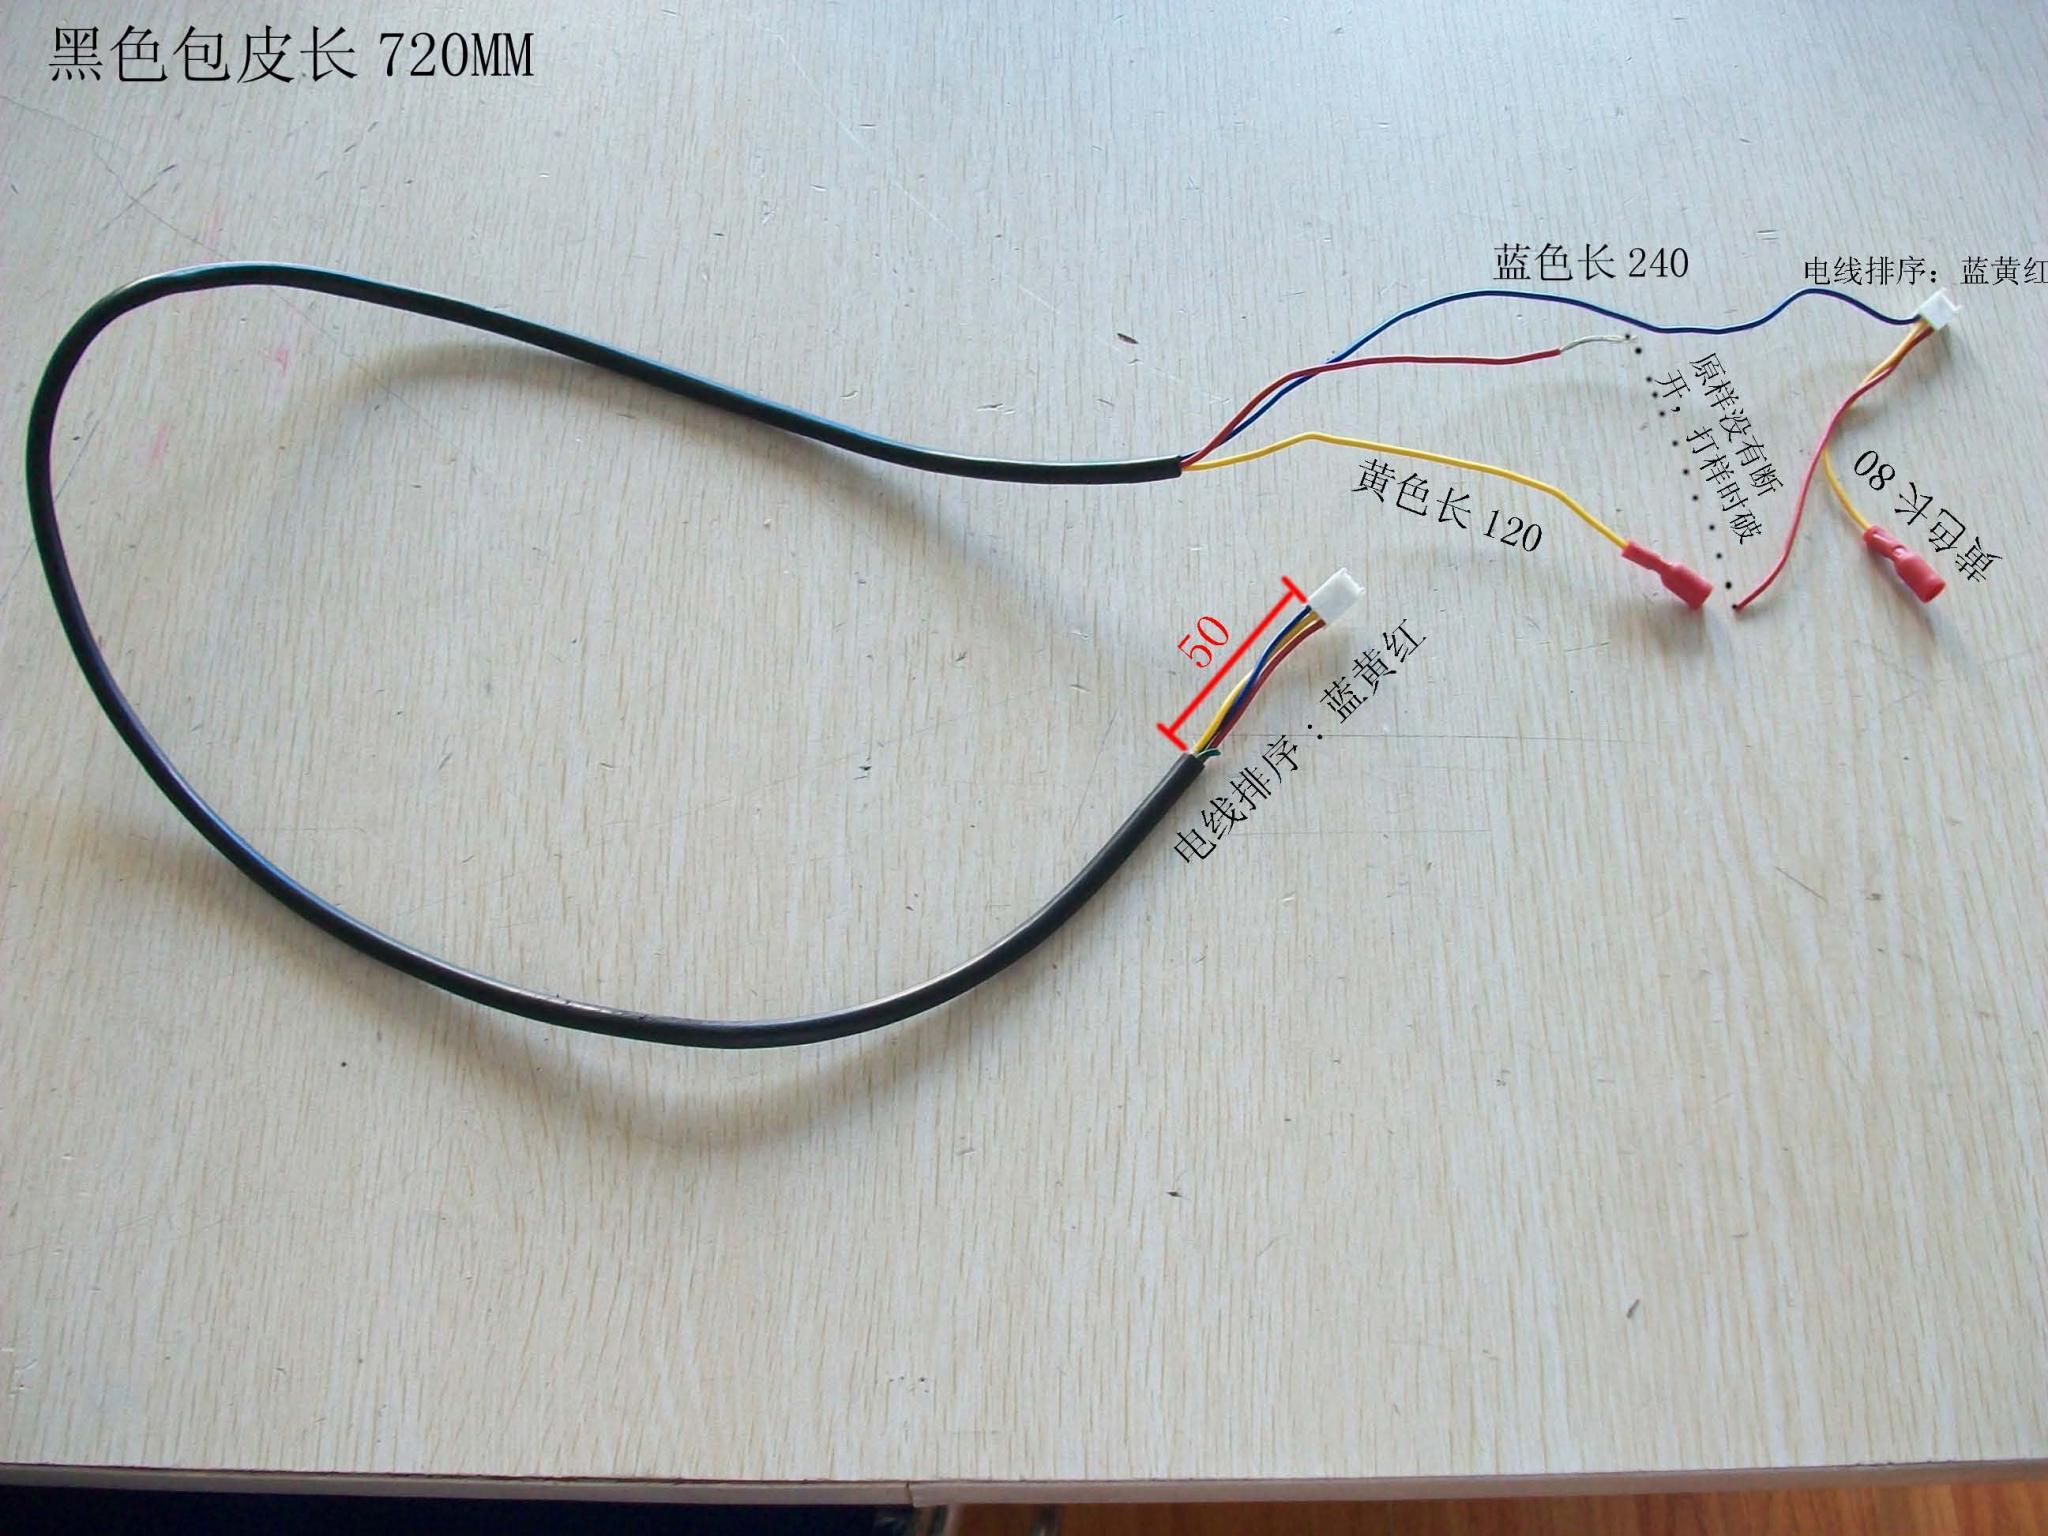 厂家定制各种规格三芯电子线,连接线,端子线